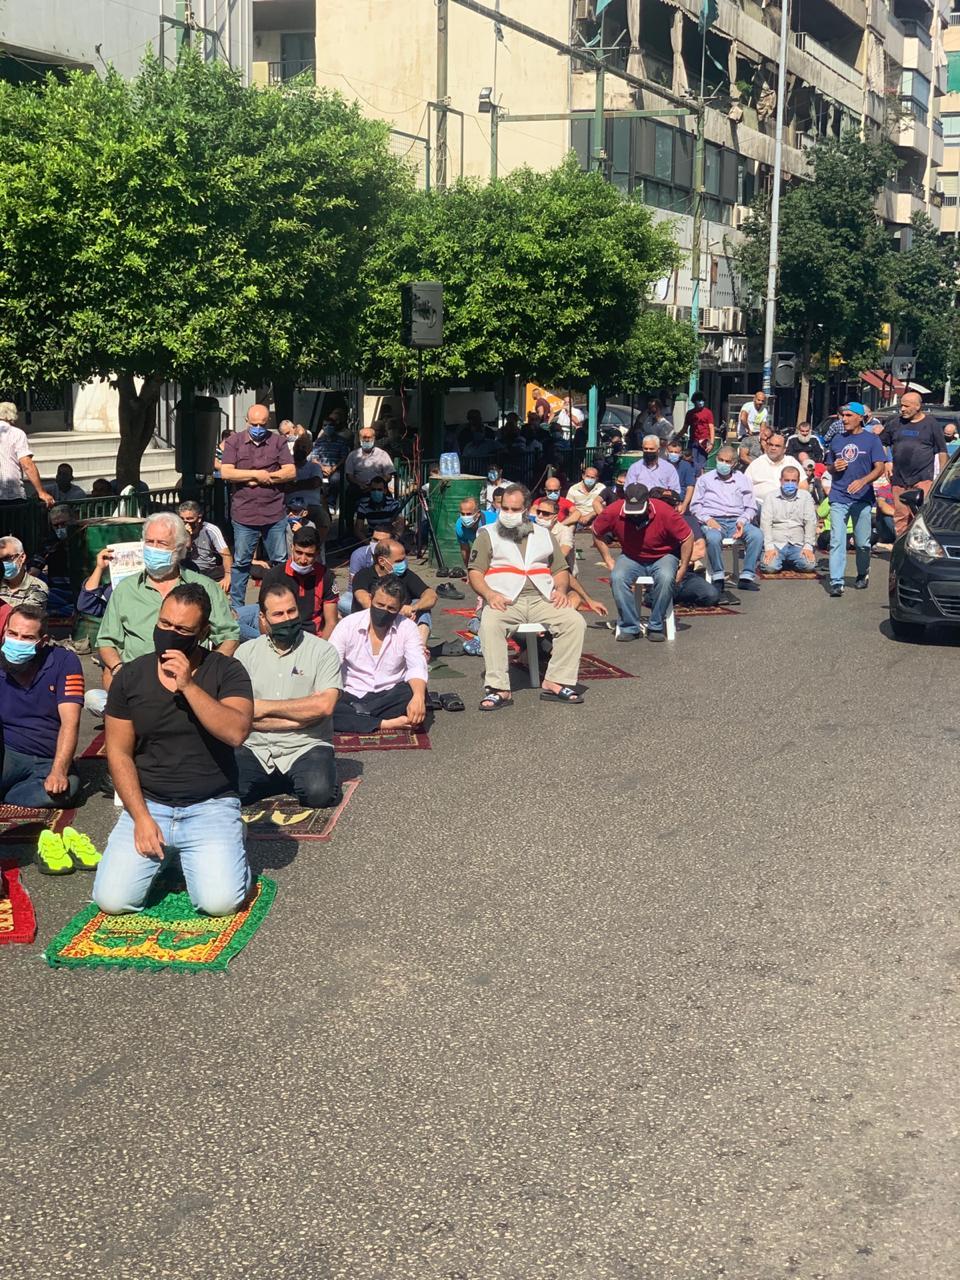 أهالي مسجد سليم سلام يصلّون في الطريق